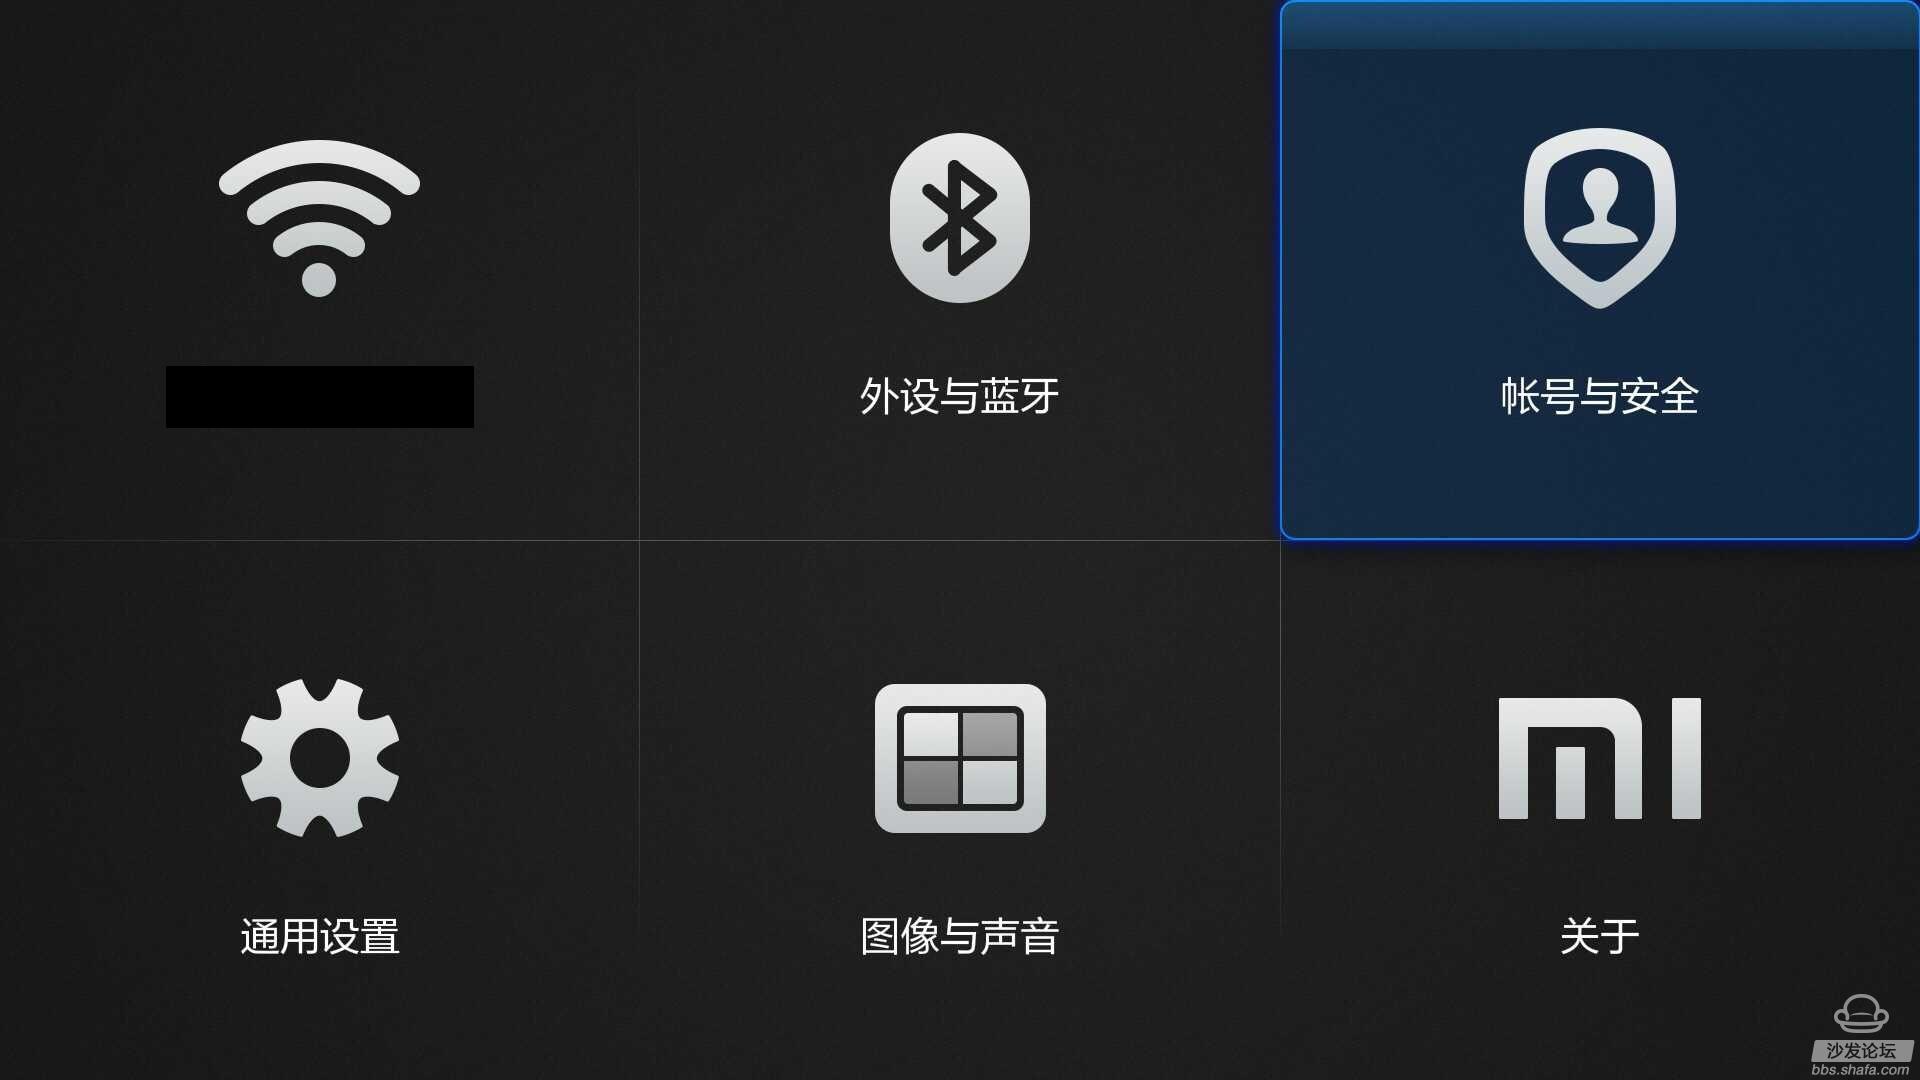 小米盒子如何安装第三方应用